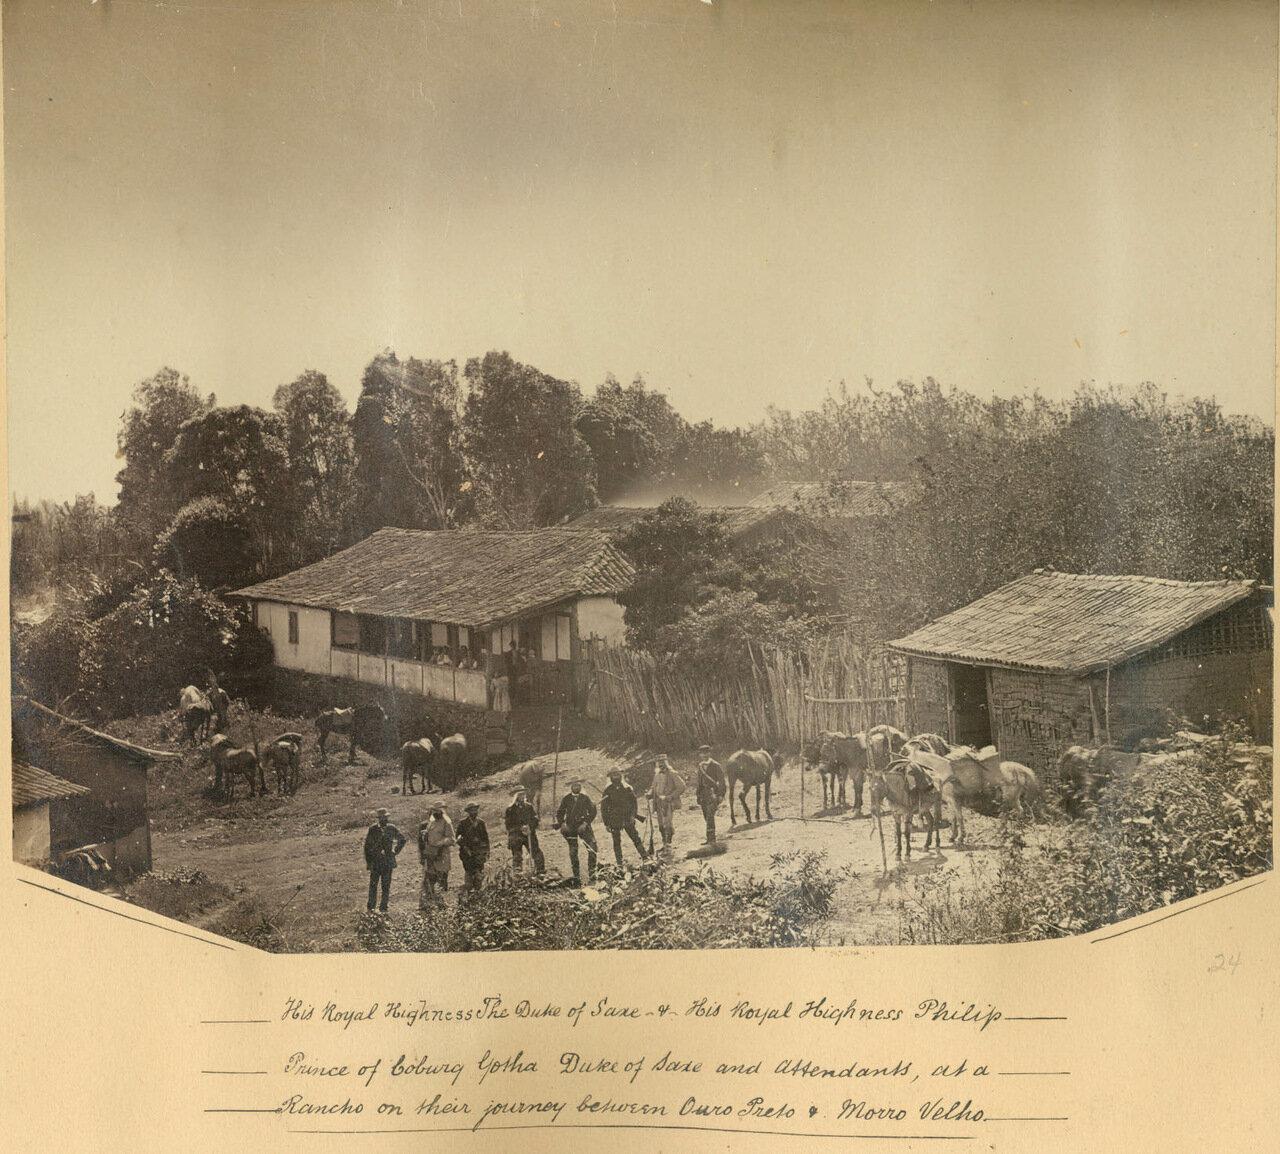 Члены британской королевской семьи посетили шахту по добыче полезных ископаемых Морру-Велью, ок. 1893 года